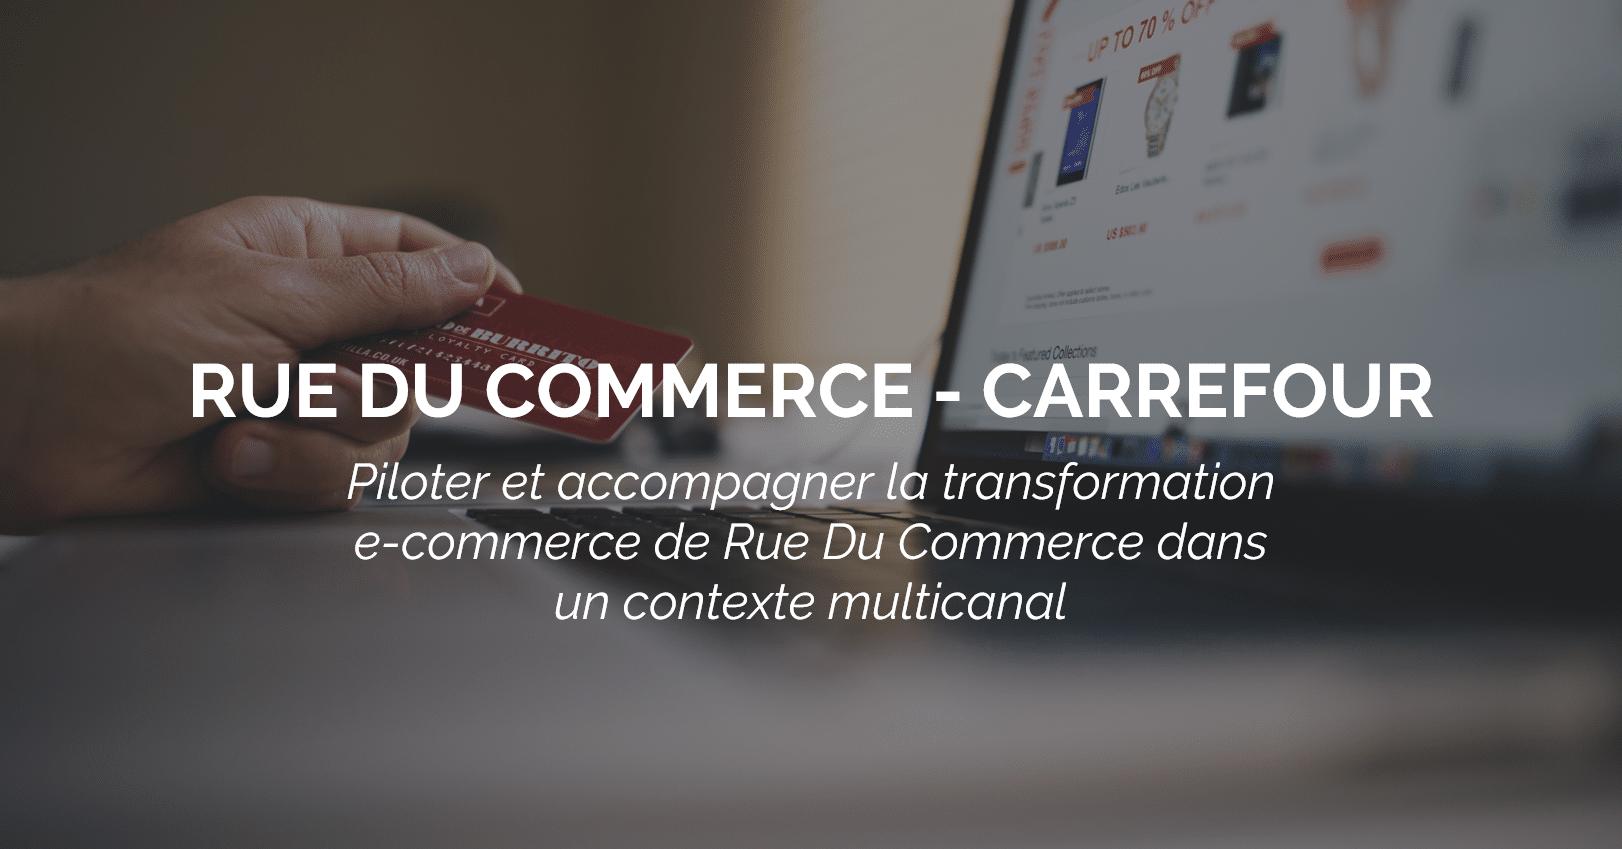 21d2c7a1bd9b8 Carrefour - Rue Du Commerce réussit sa transformation e-commerce